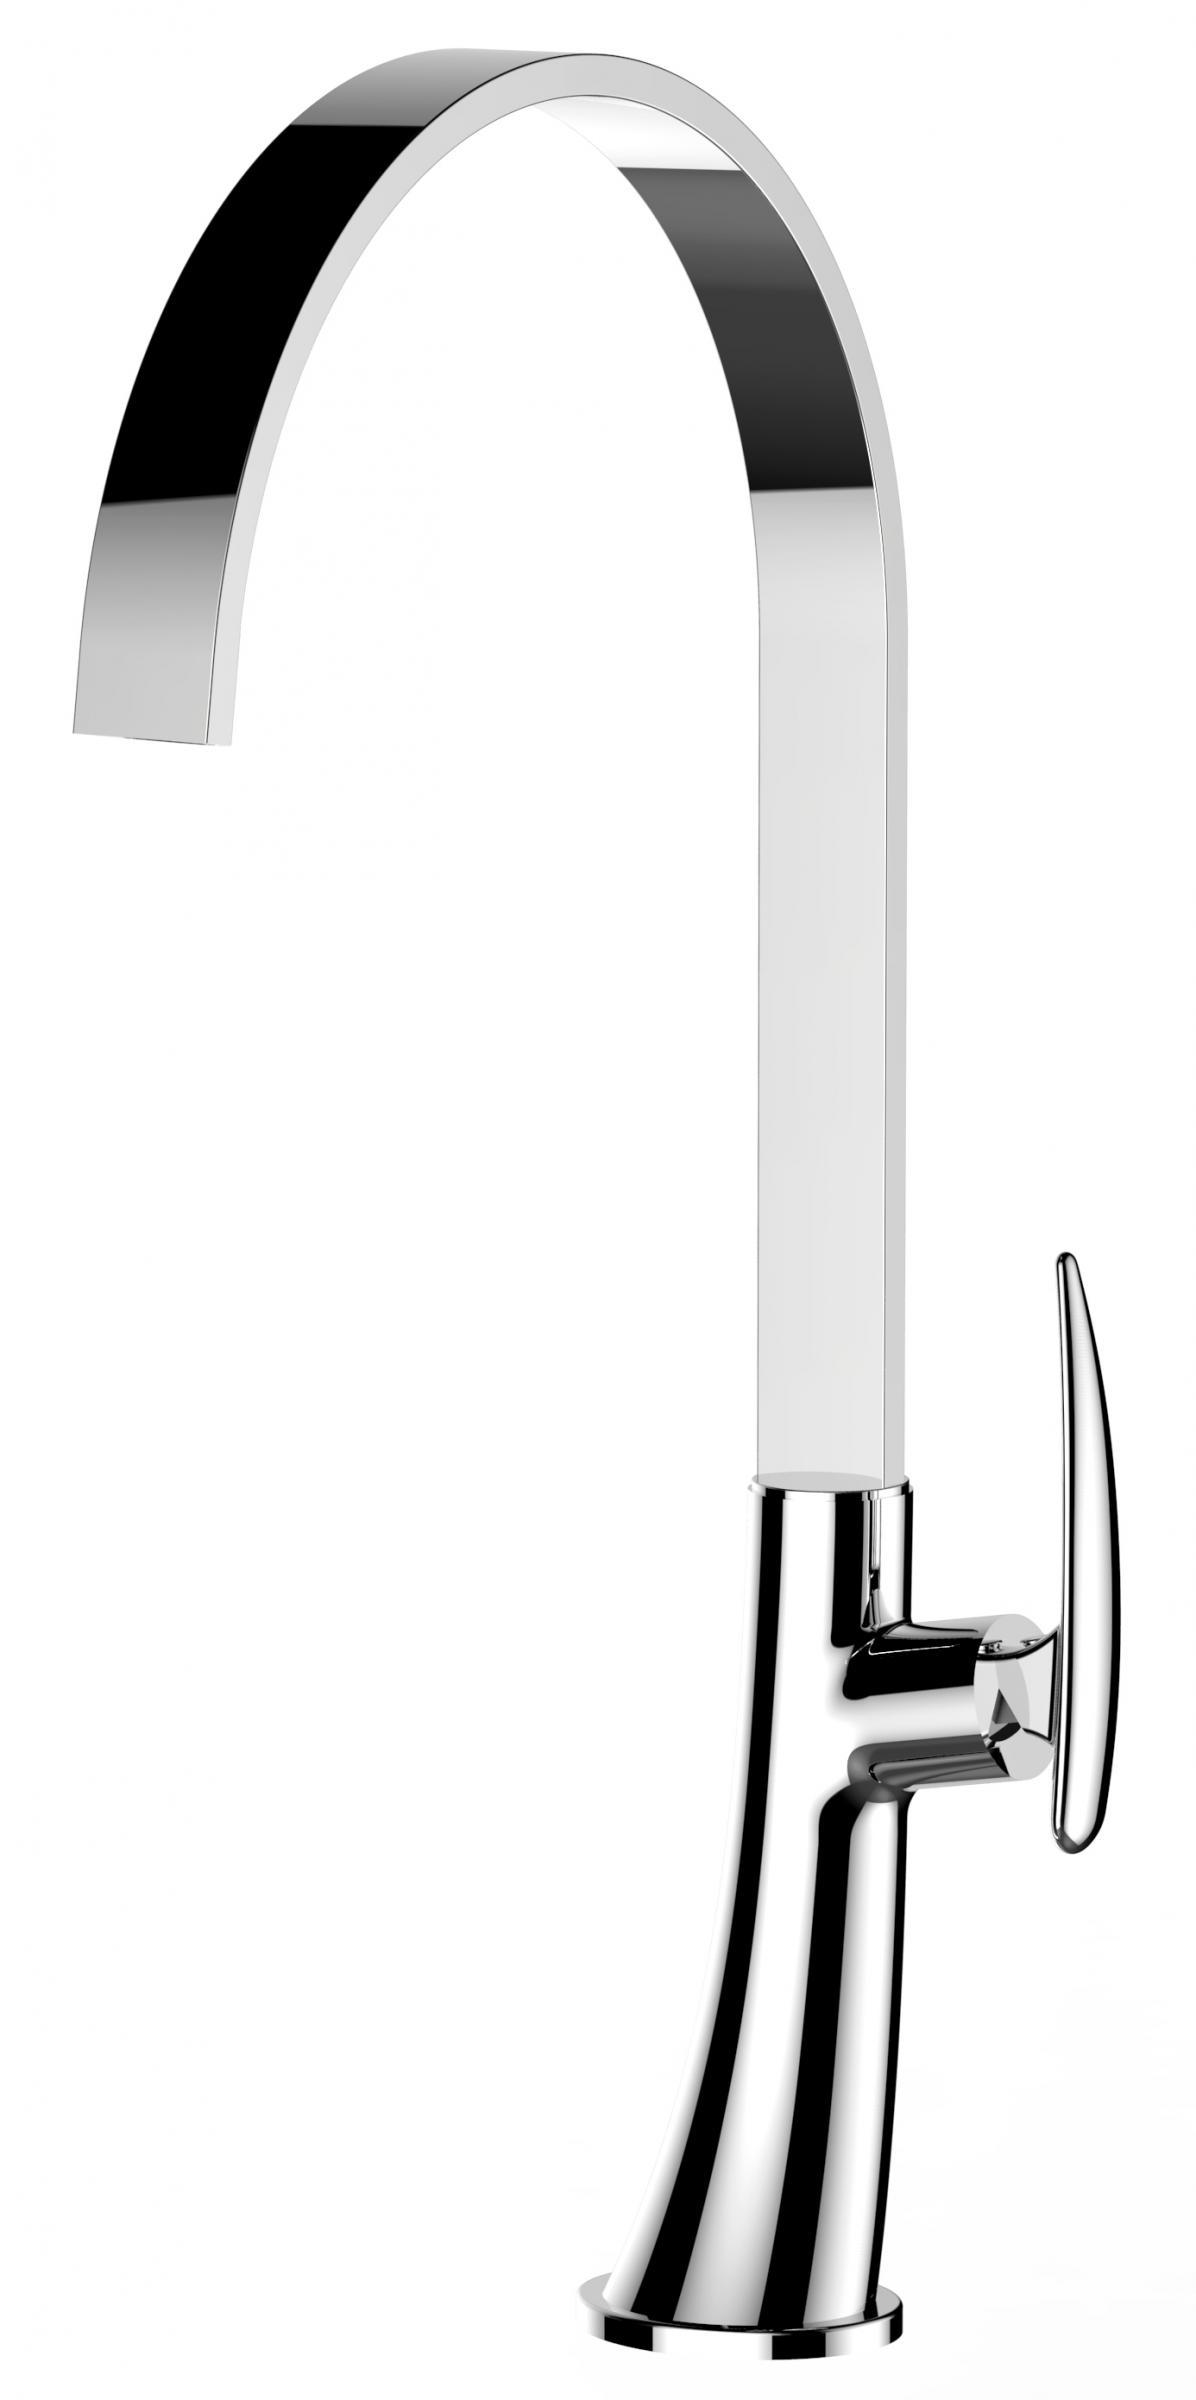 Full Size of Wasserhahn Küche Brause Wasserhahn Küche Wechseln Youtube Wasserhahn Küche Pfeift Wasserhahn Küche Blanco Küche Wasserhahn Küche